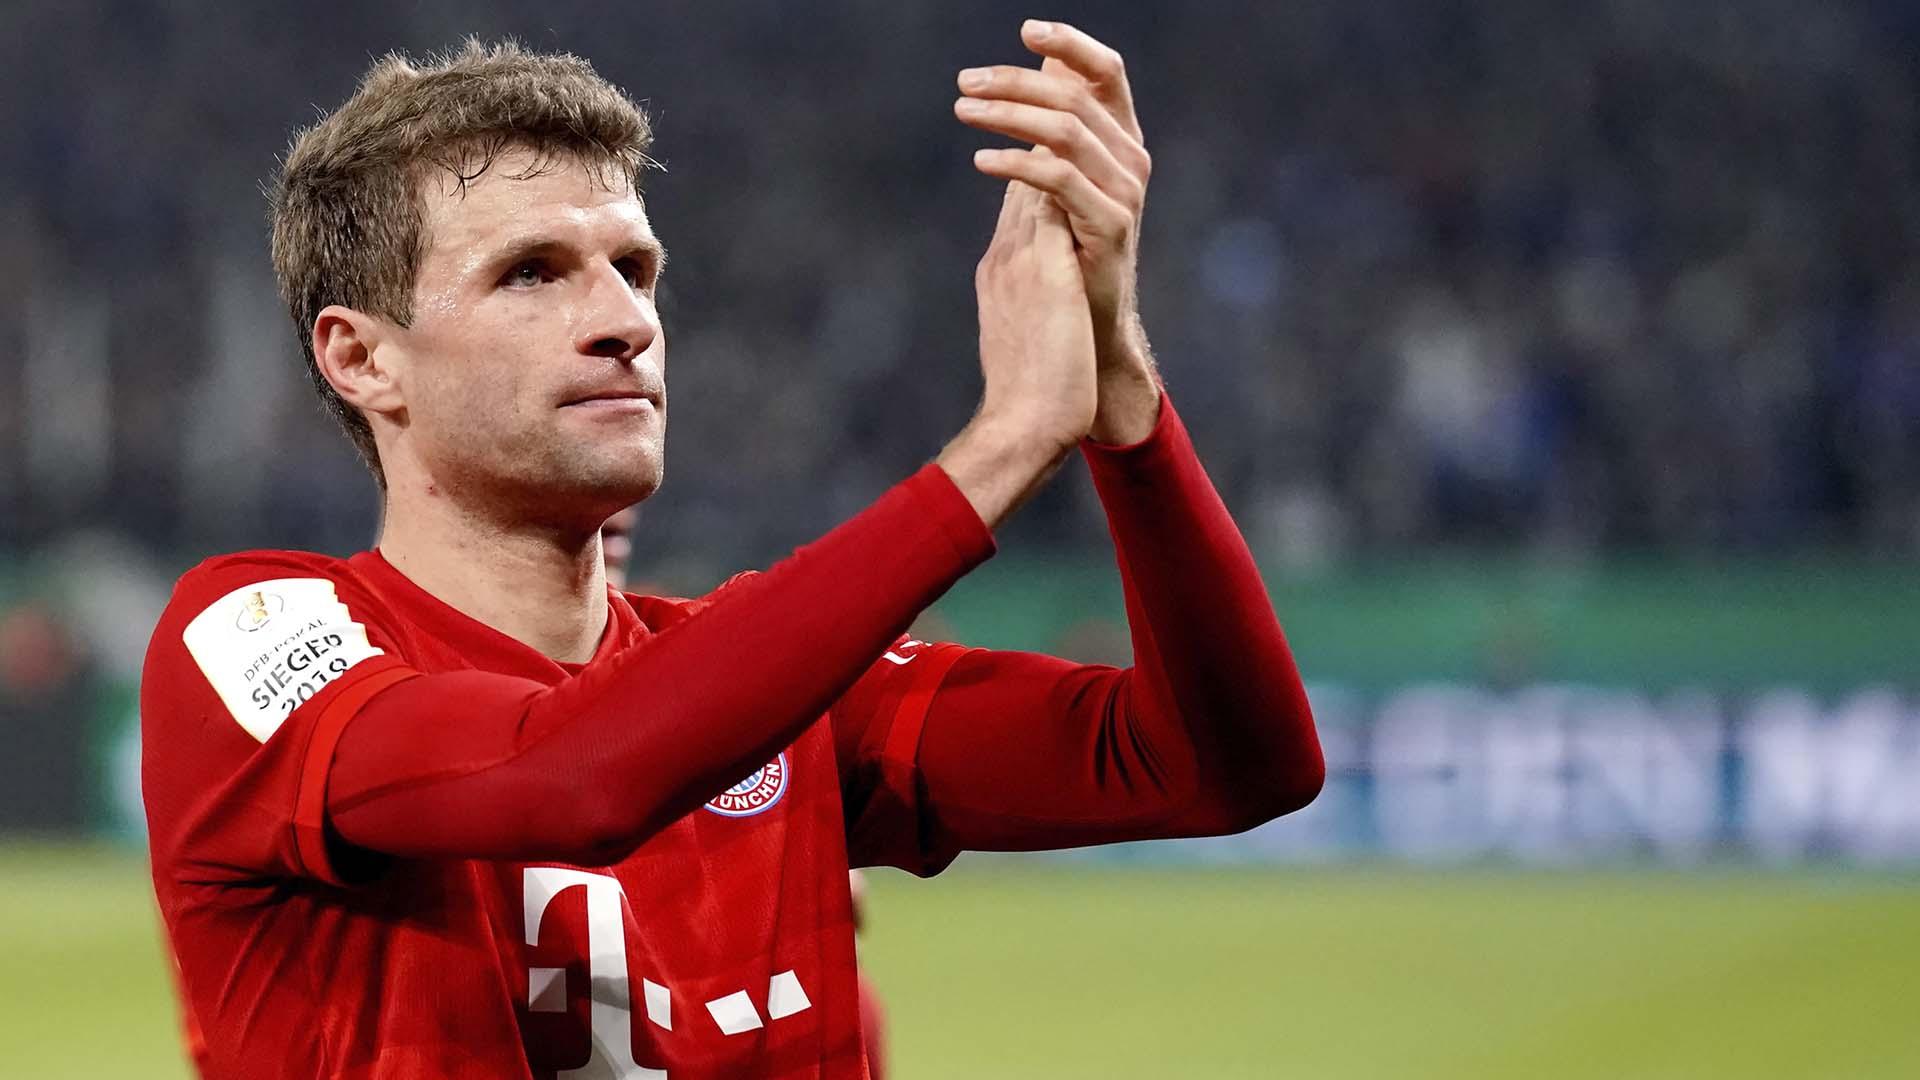 melhores jogadores do campeonato alemão thomas muller